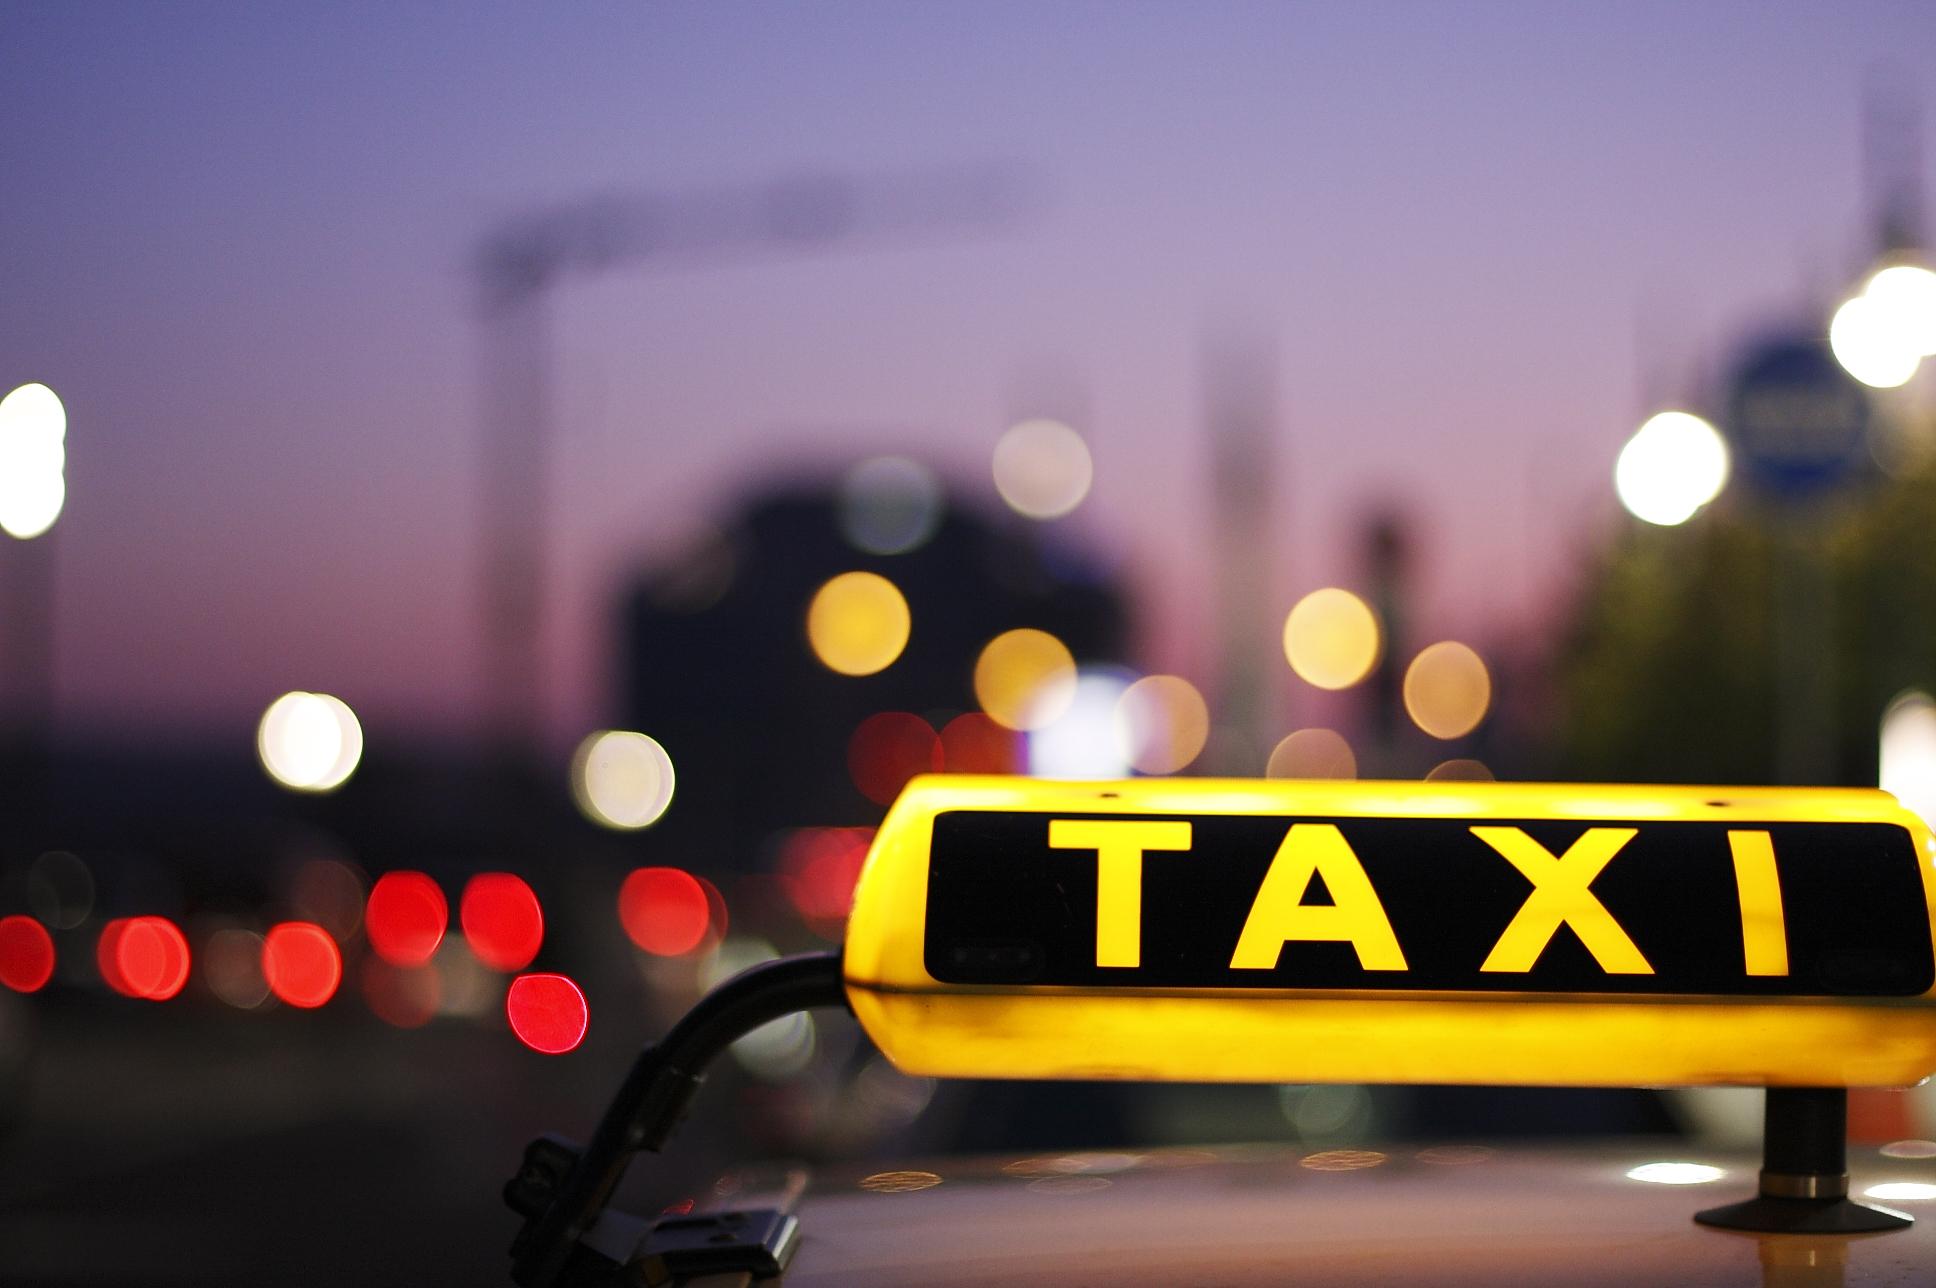 taxi_133601